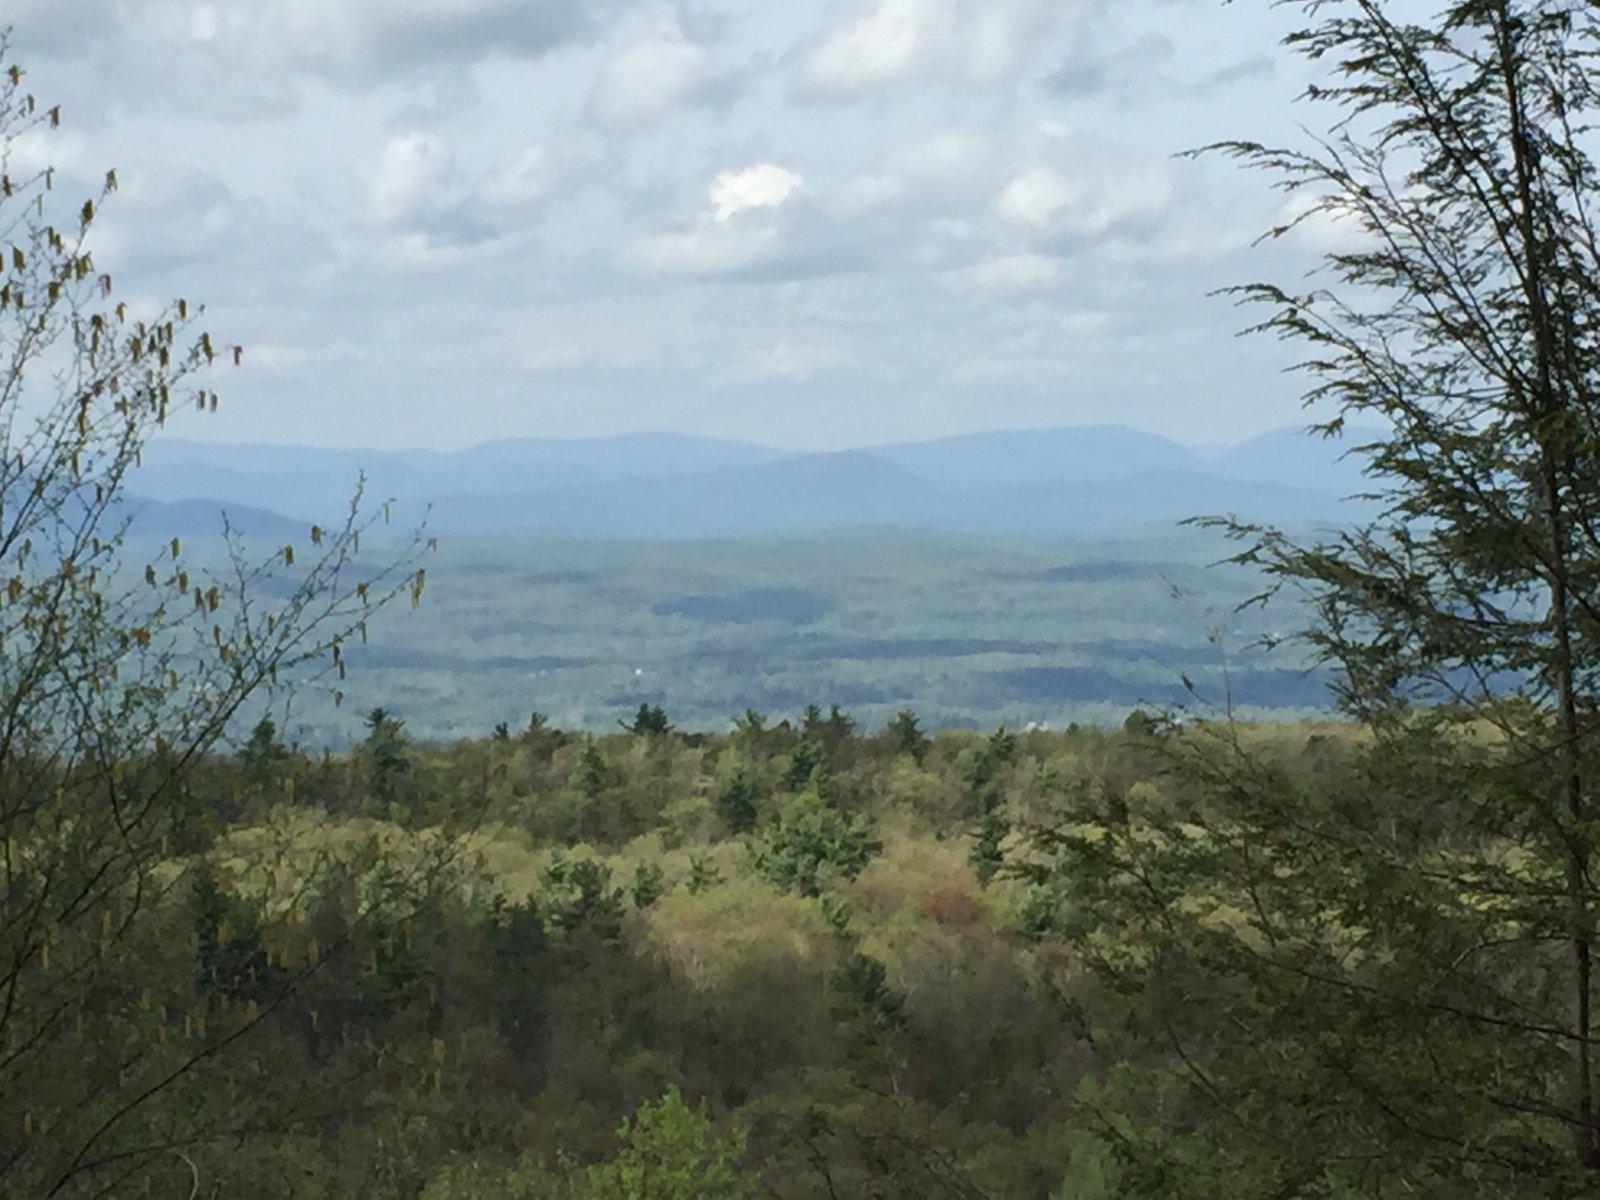 Национальный парк Миневаска. Озеро Маратанза